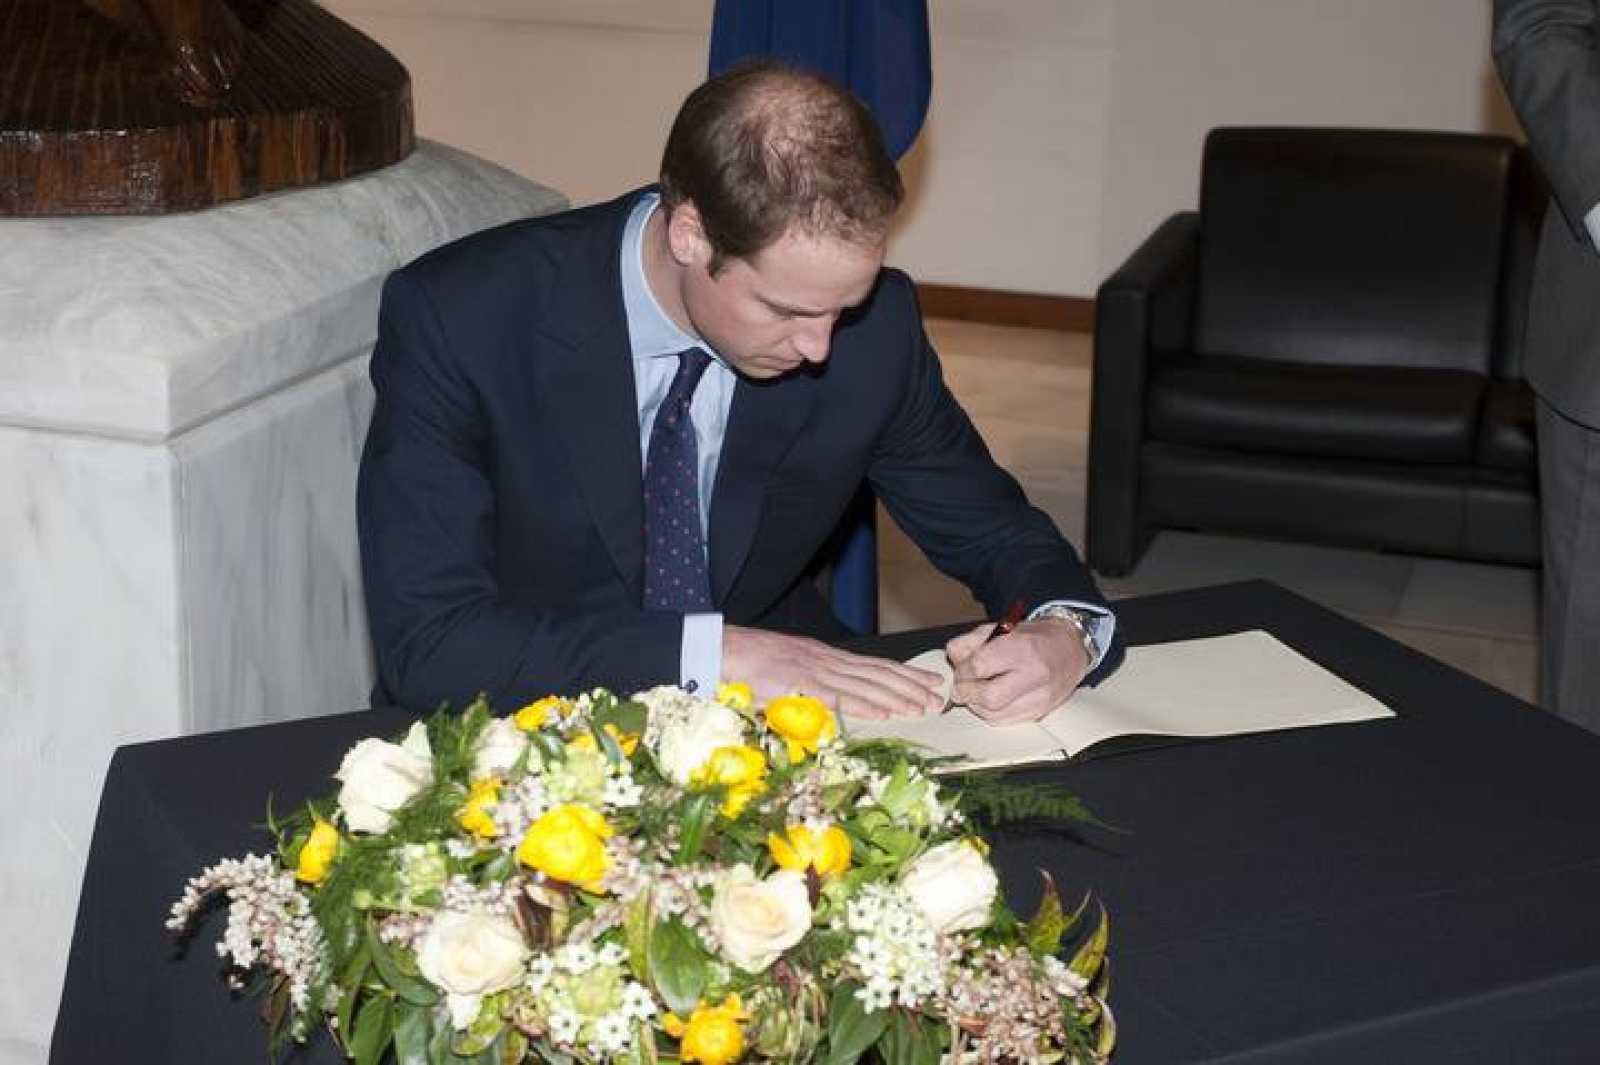 El príncipe William es el segundo heredero al trono en la línea sucesoria.